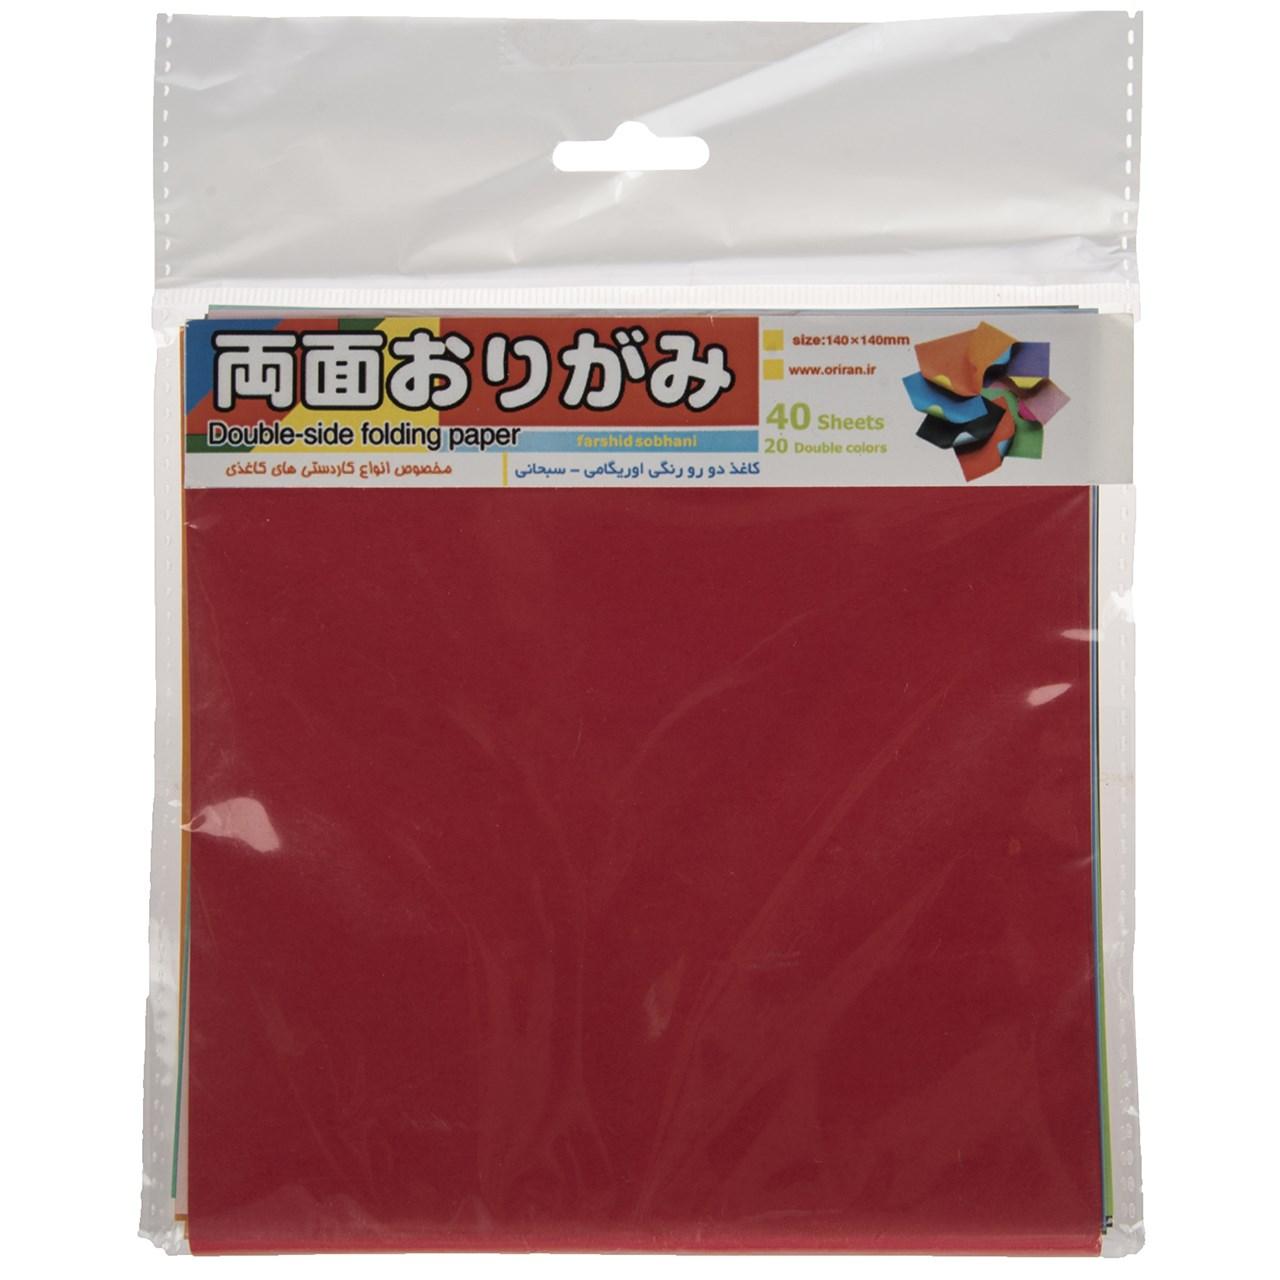 کاغذ اوریگامی اوریمان مدل رنگی دورو 140 × 140